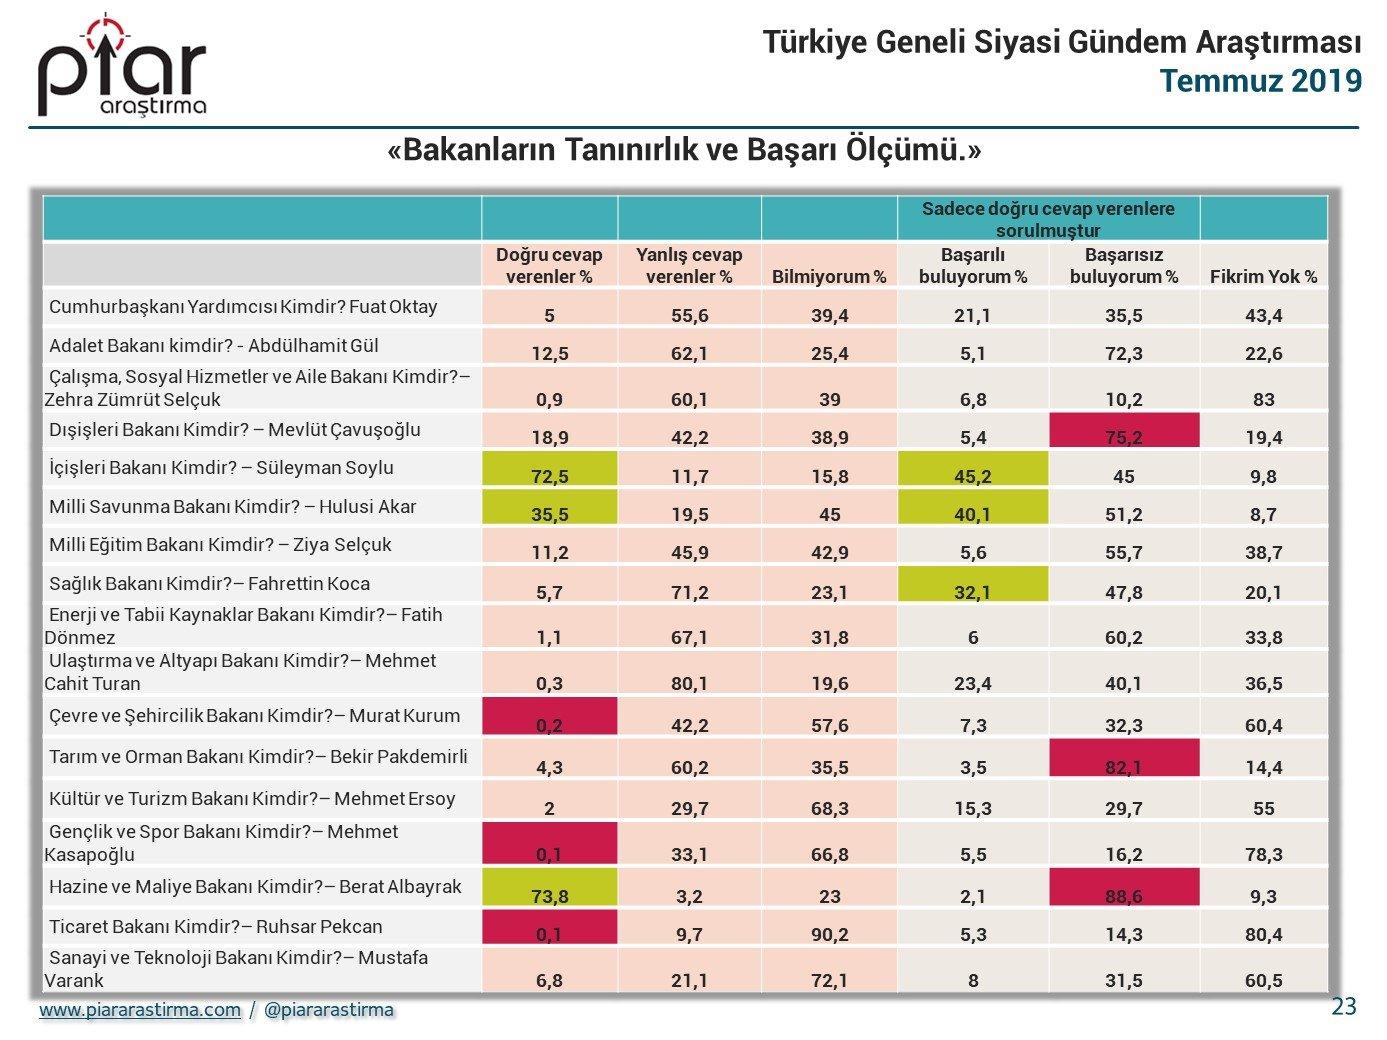 Yurttaşın yüzde 90'ı Berat Albayrak'tan şikayetçi